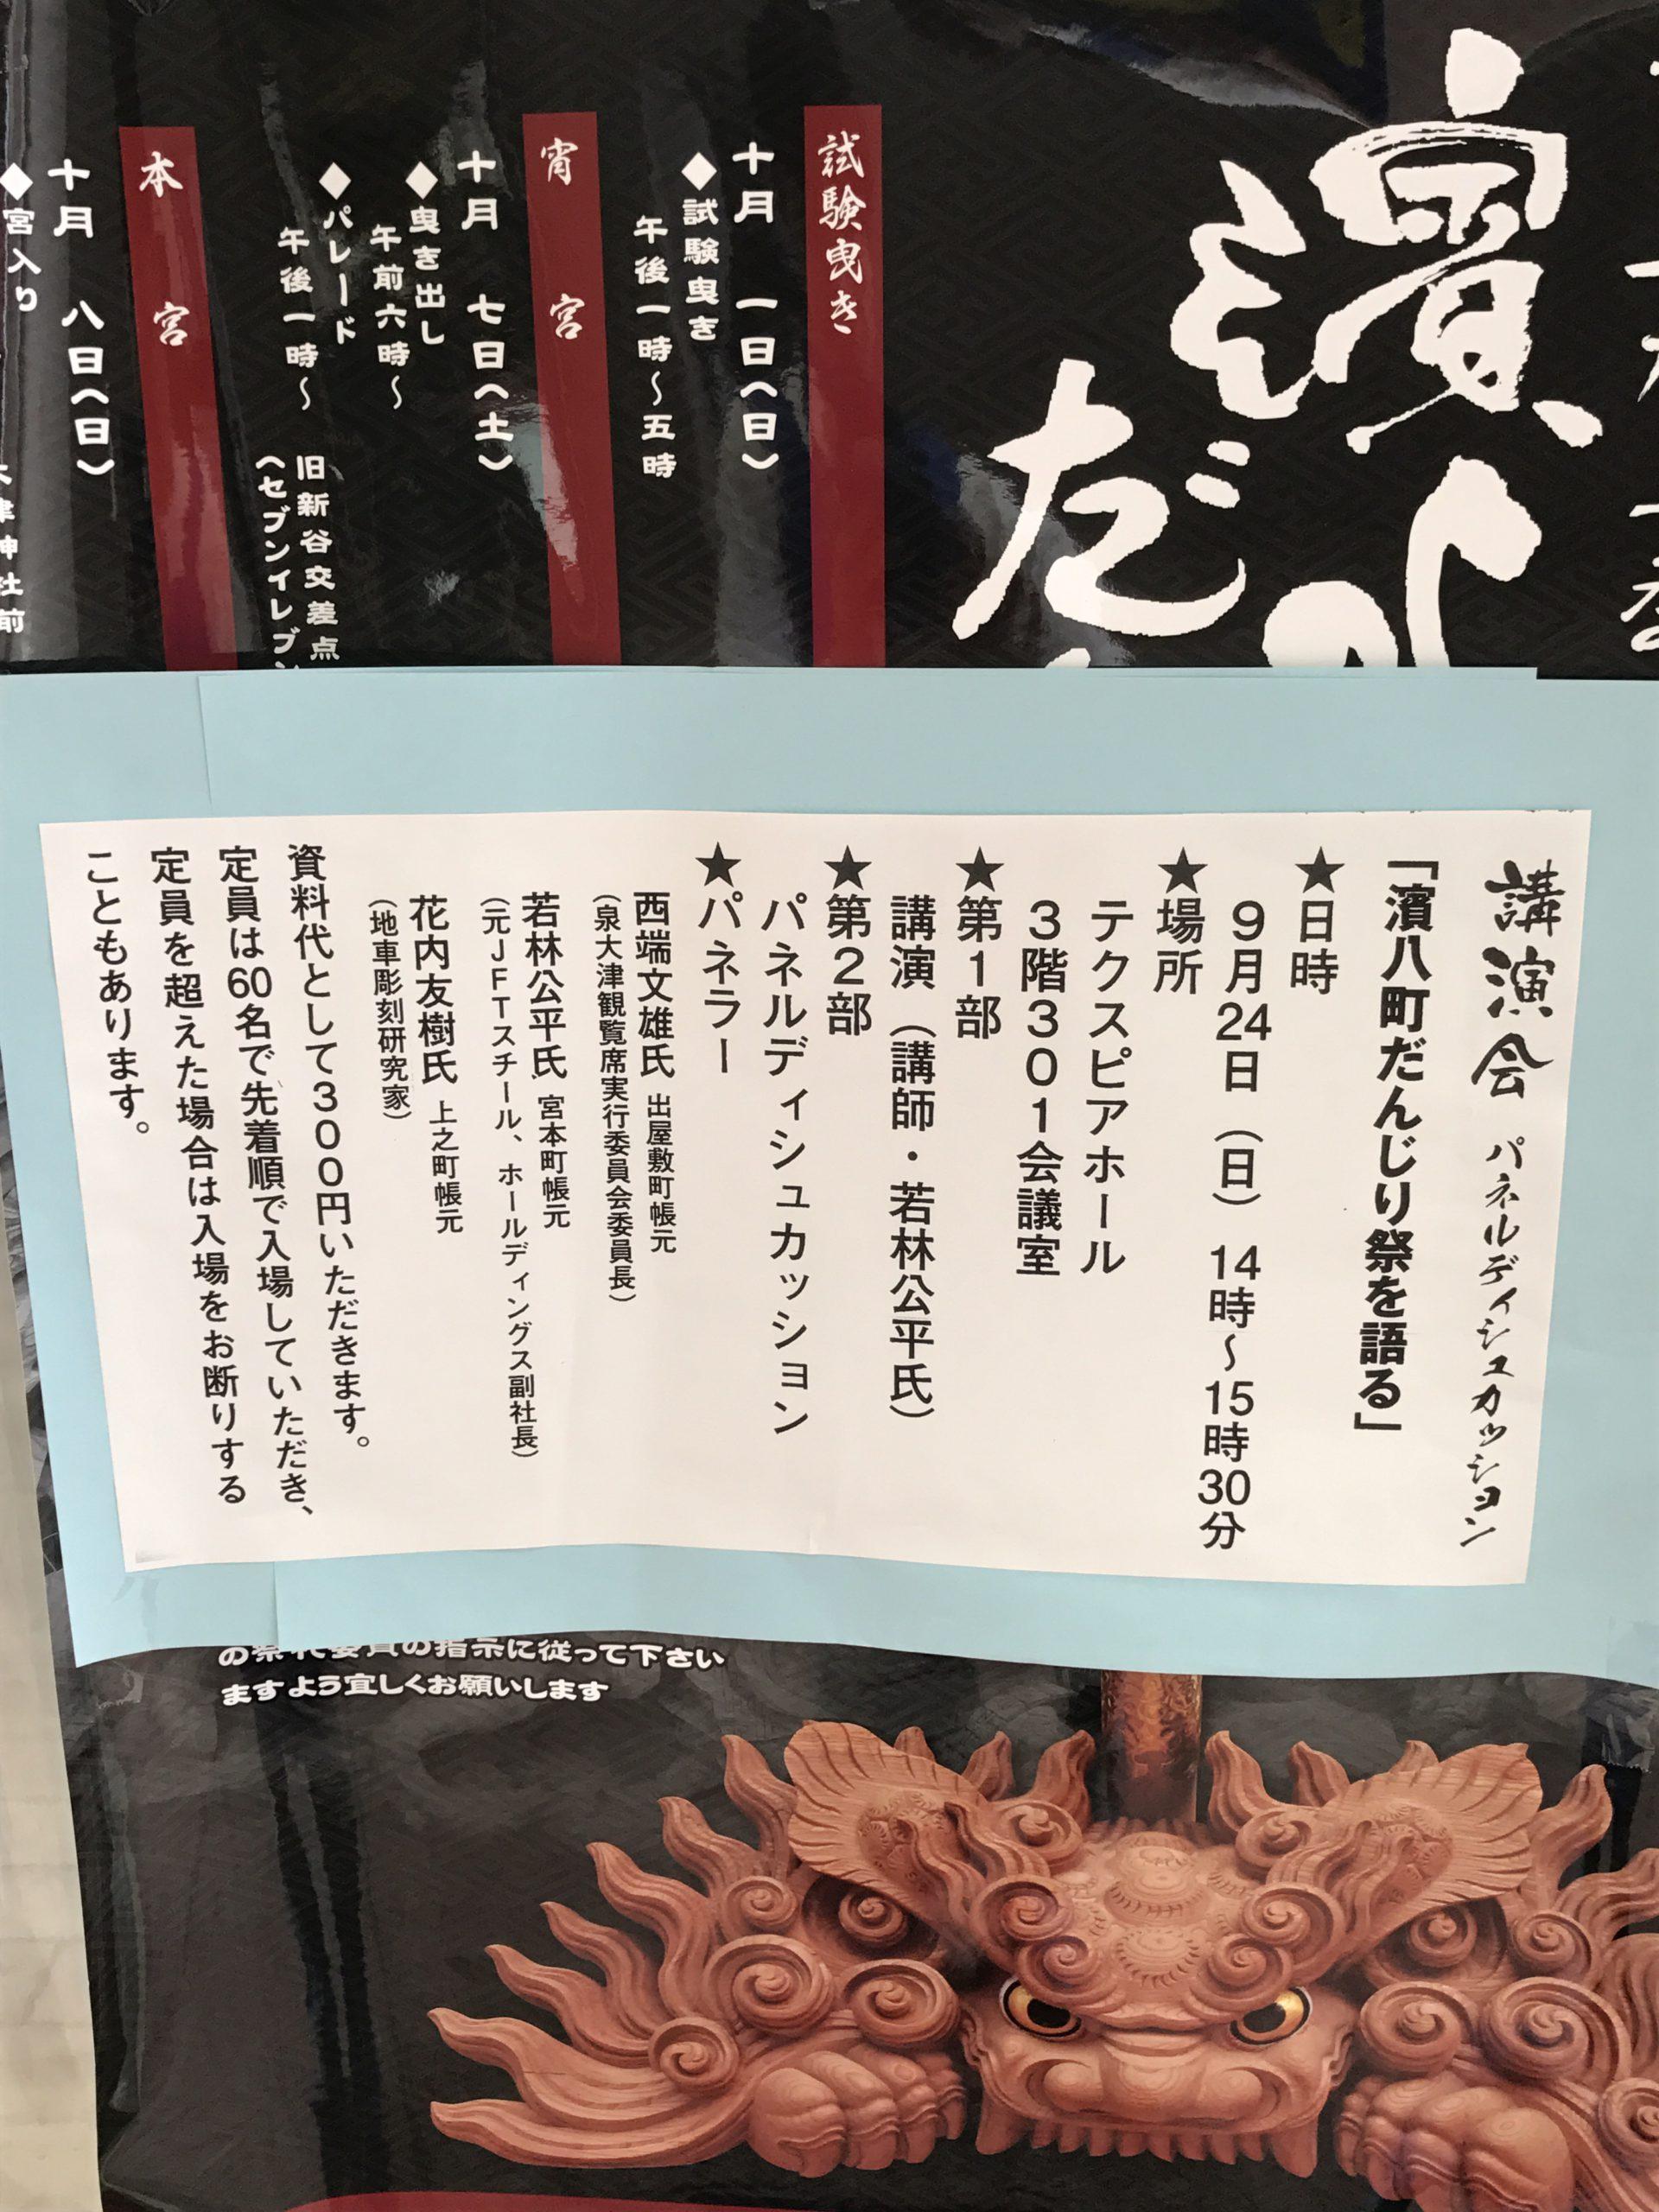 9月24日(日)に『濱八町だんじり祭を語る』が開催されるようです